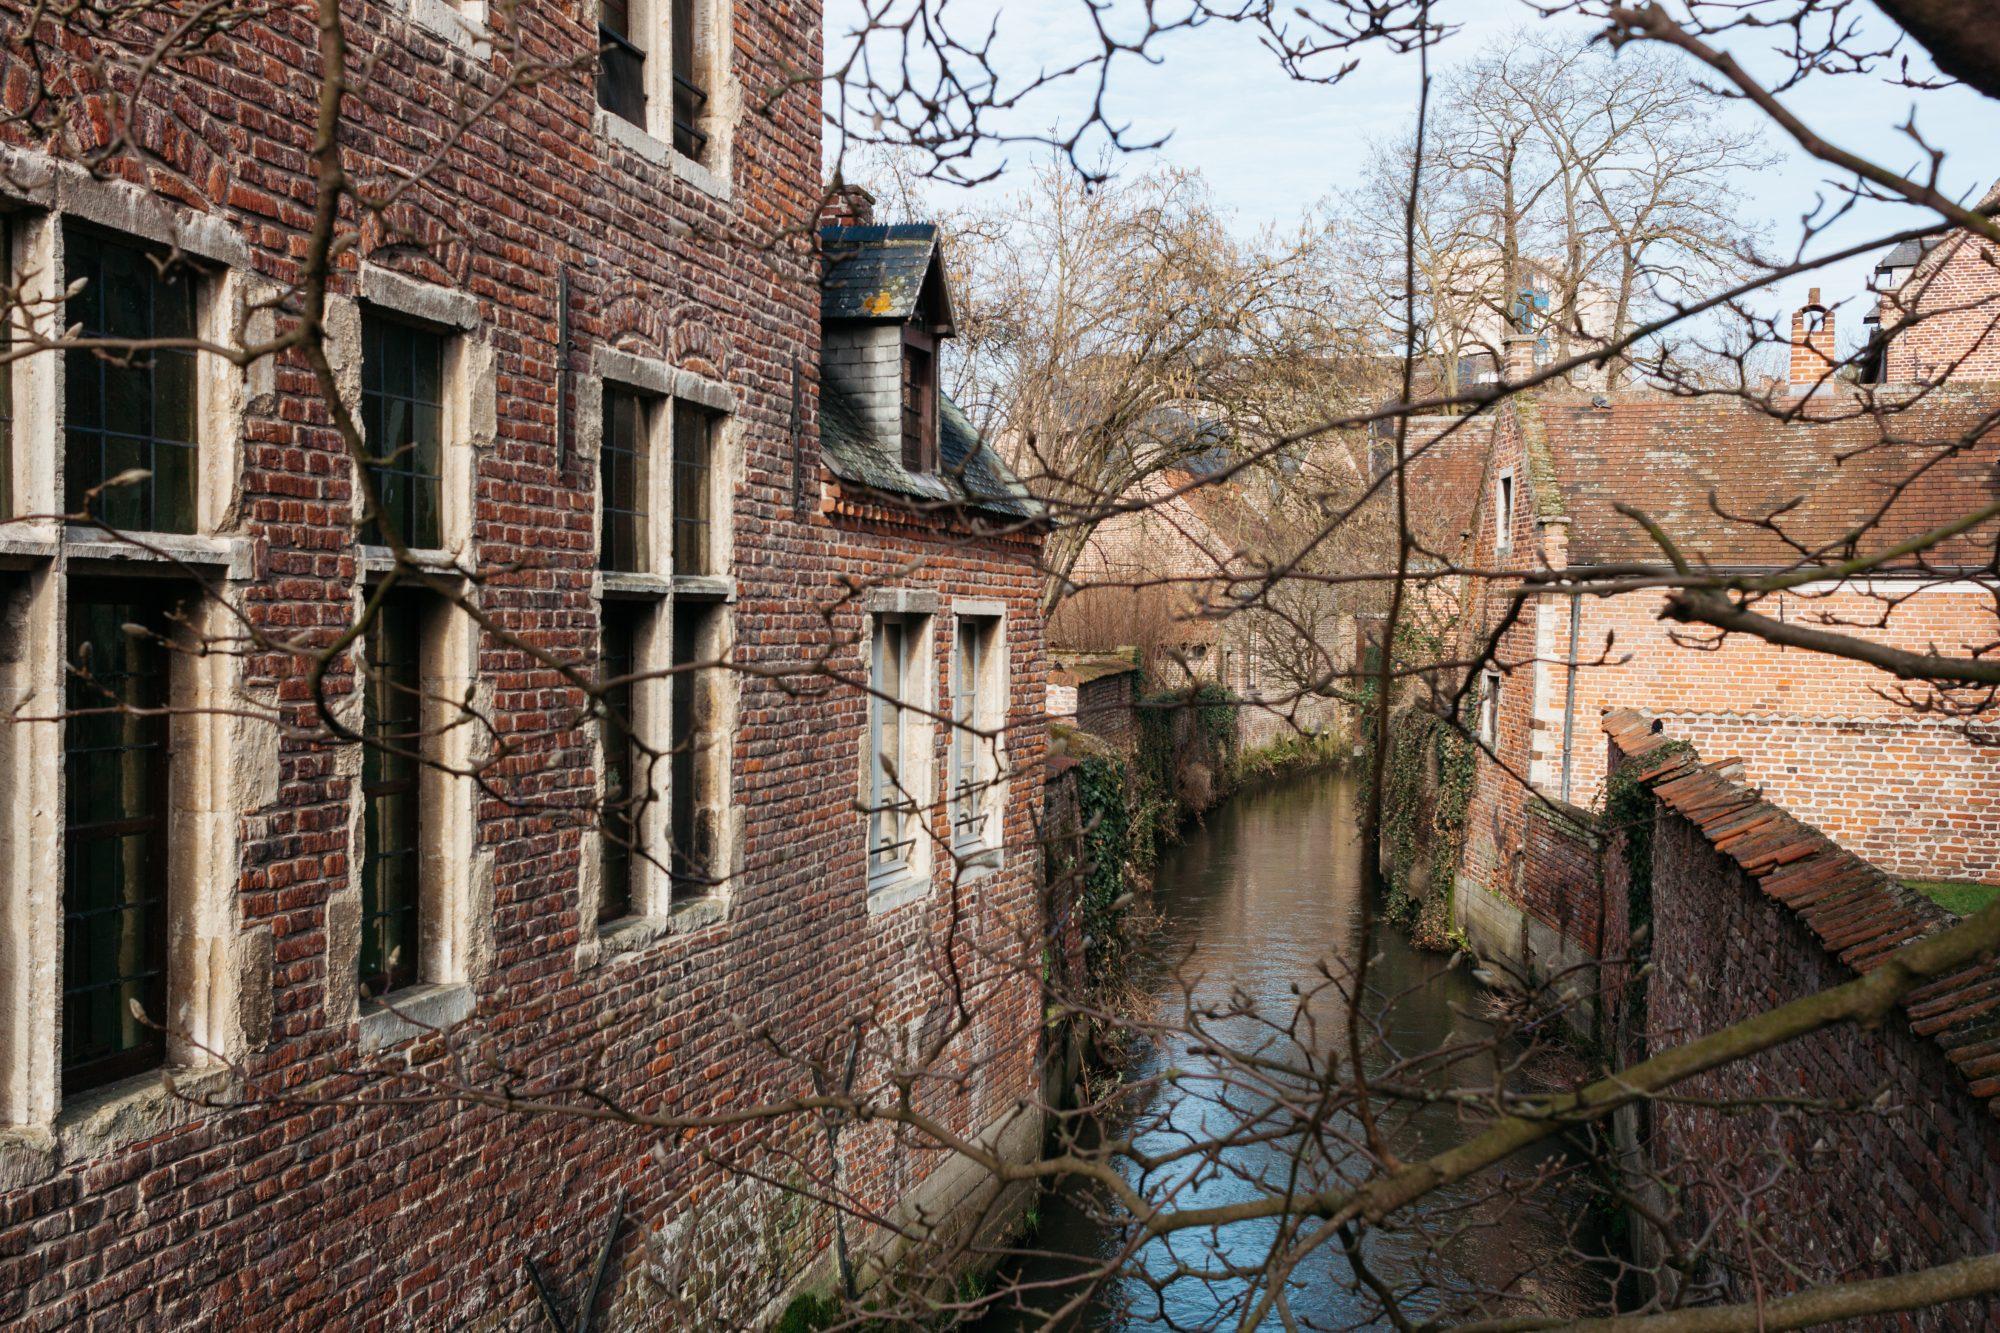 Winter Day in Leuven